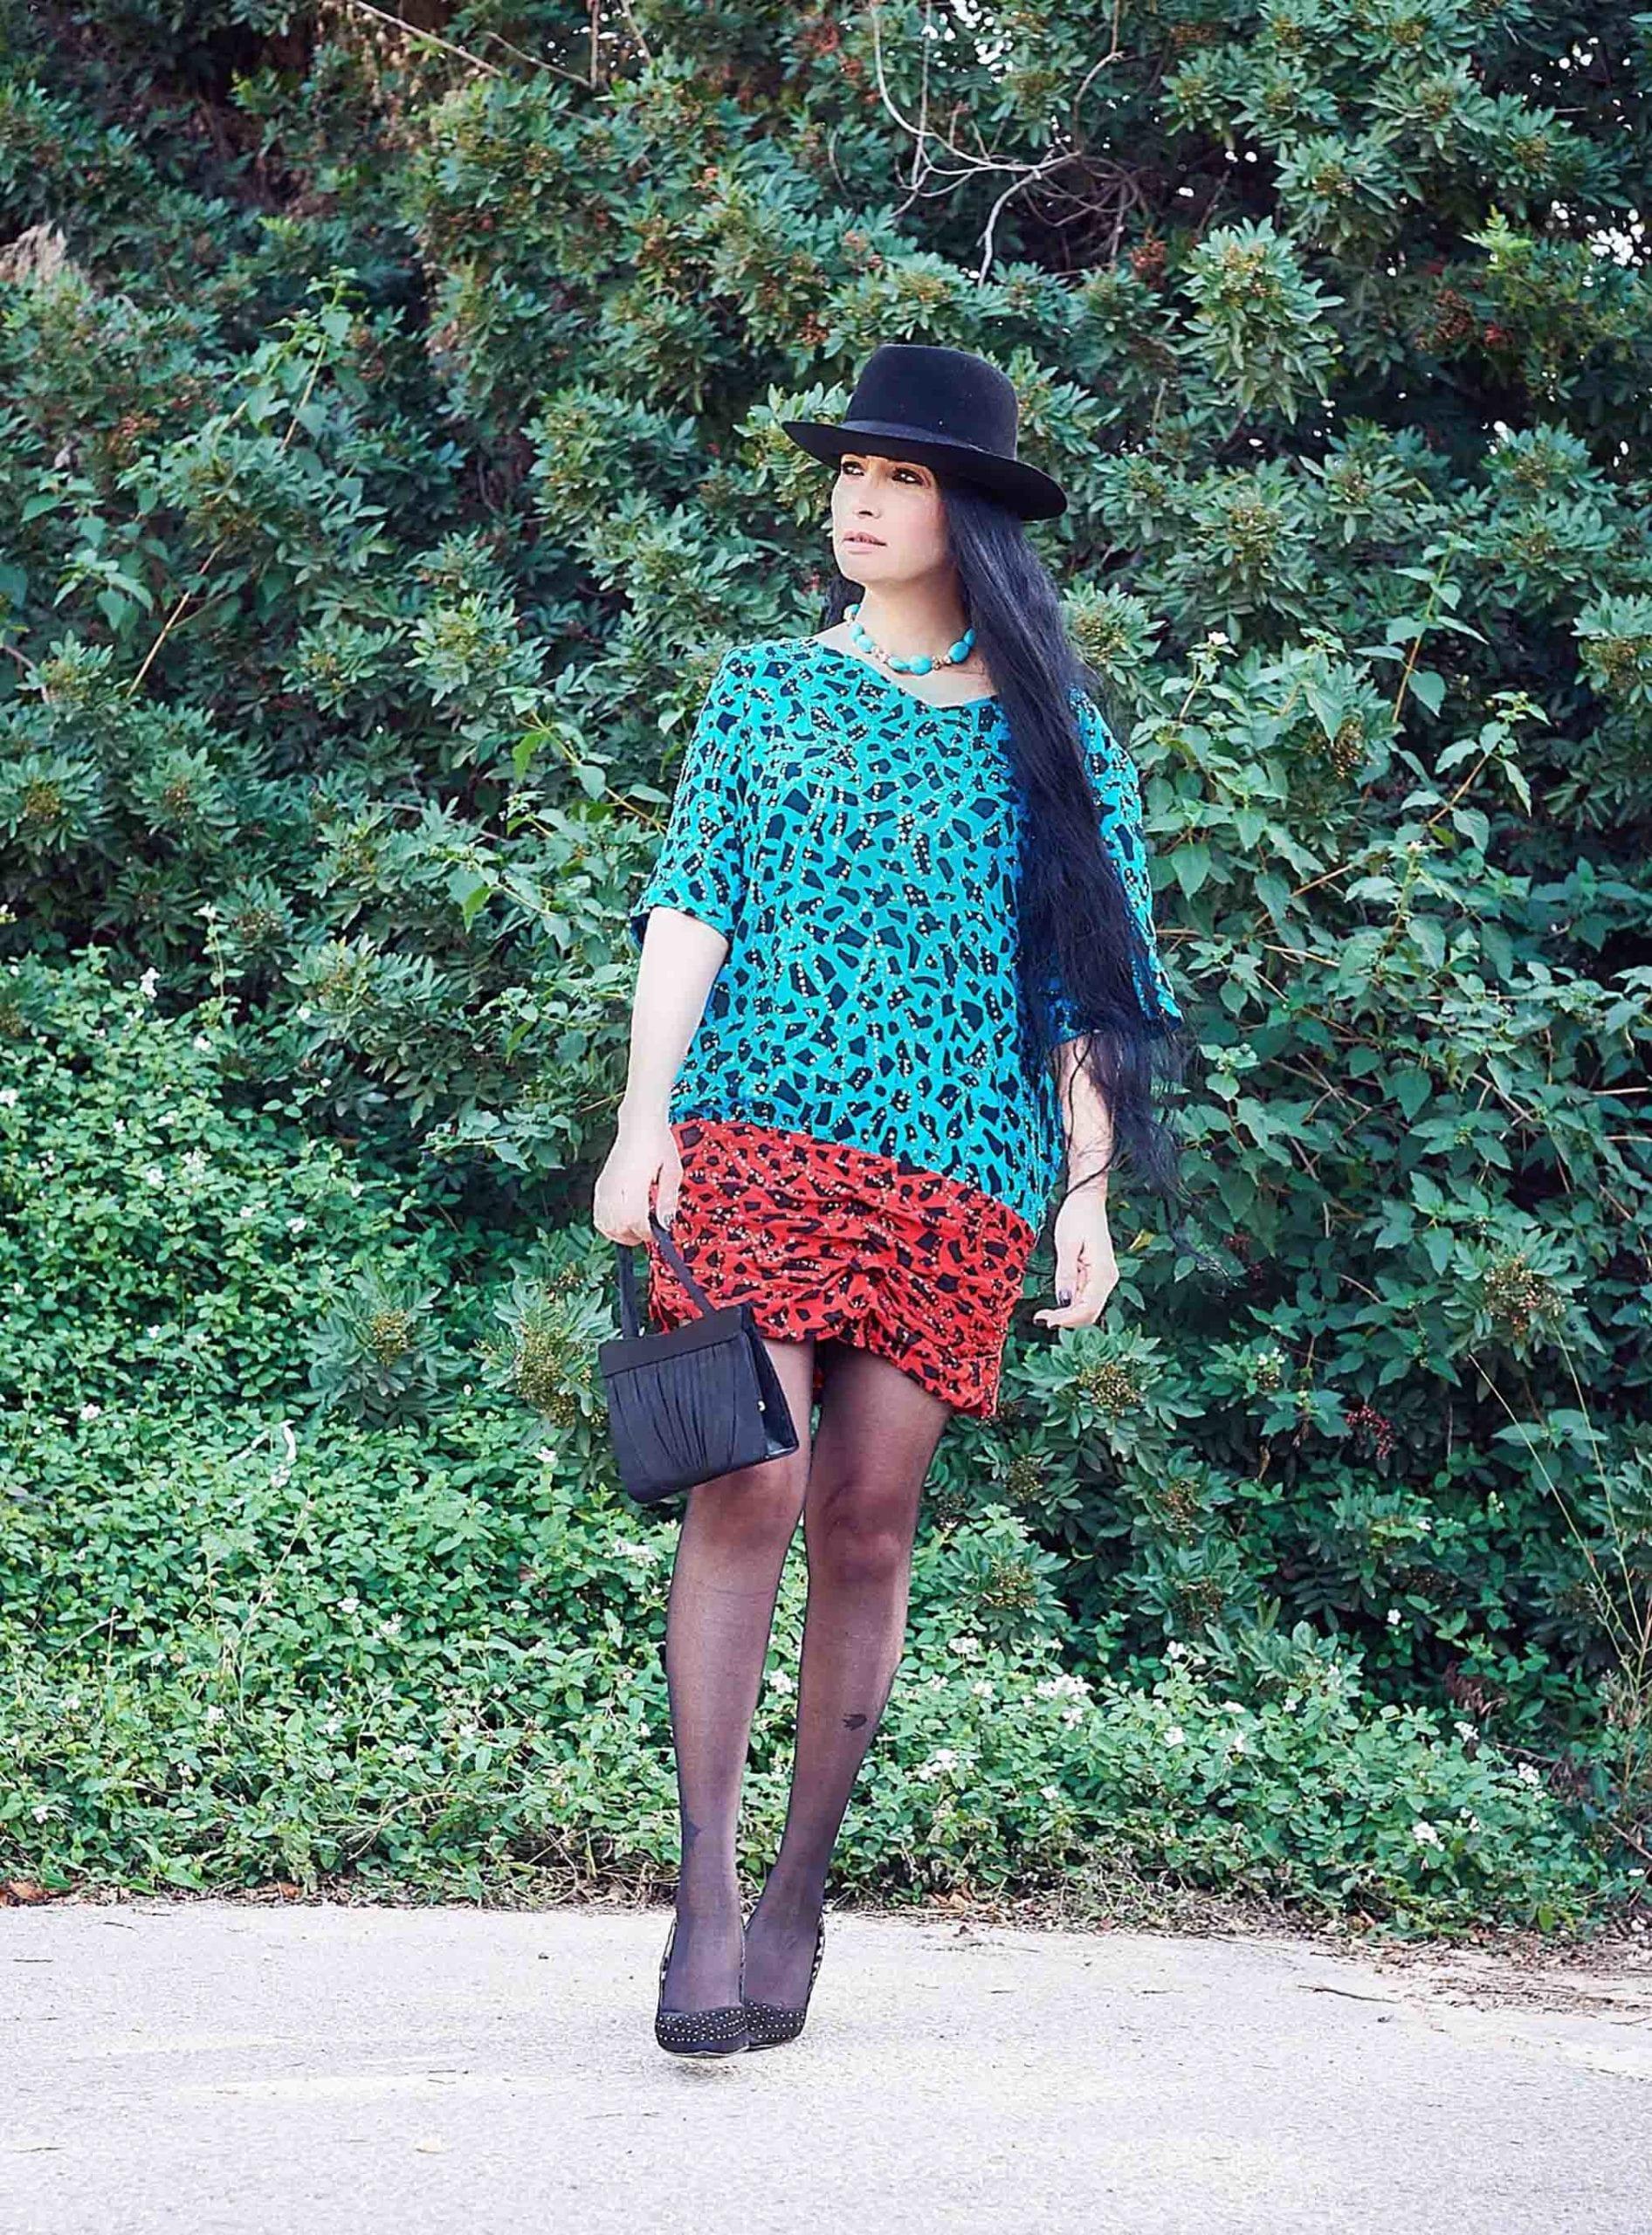 שמלה שנות ה- 80 לובשת וינטג מחיר 250 שח צילום kim kandler